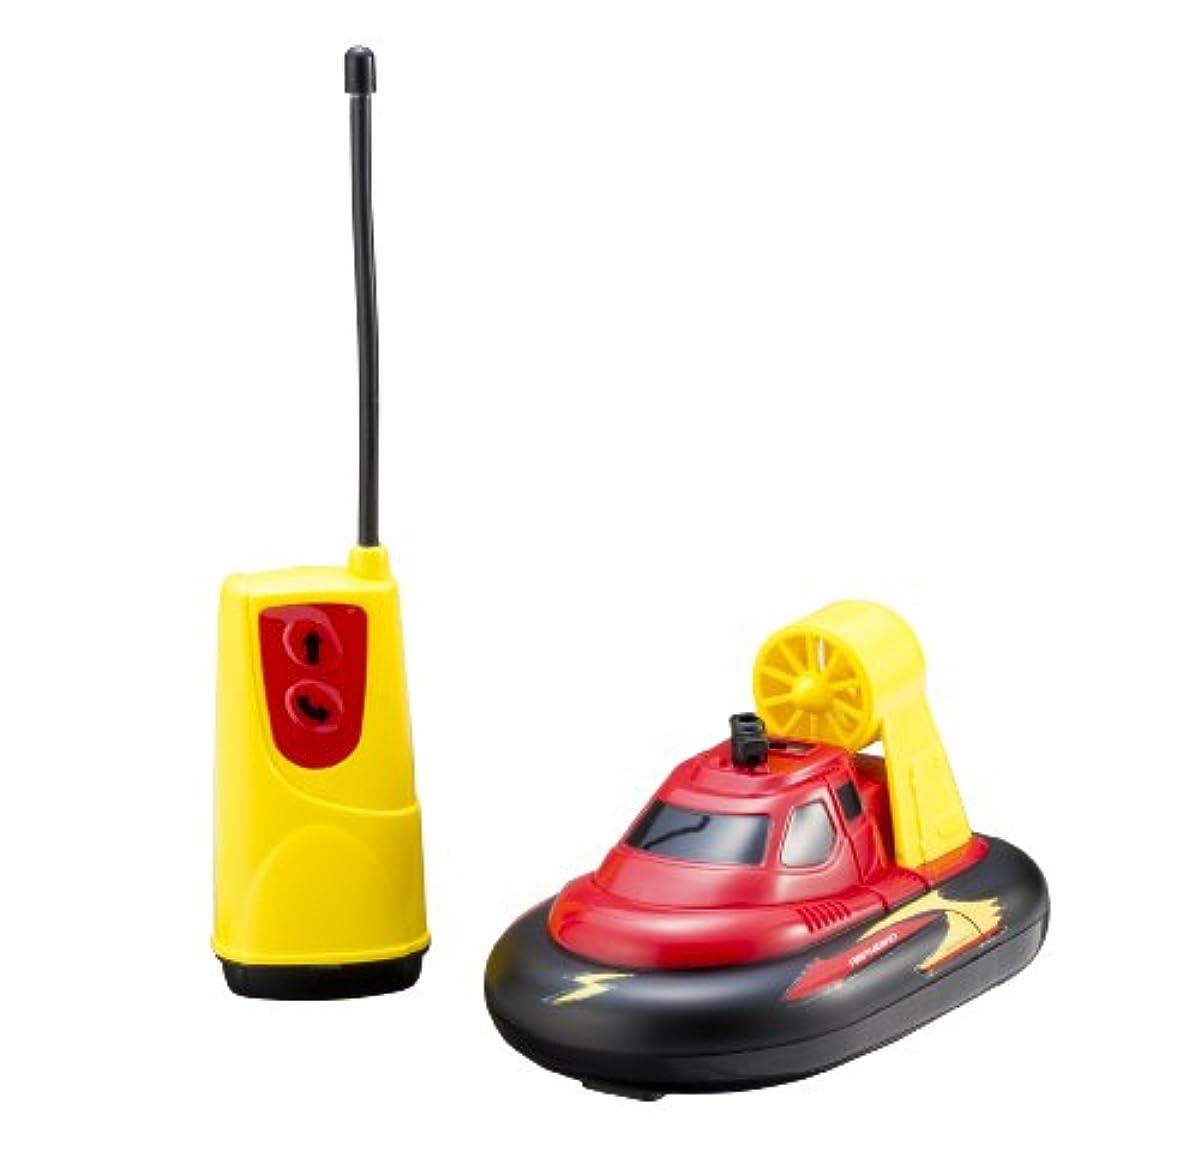 [해외] 키즈 라디오 컨트롤 아 사 hovercraft